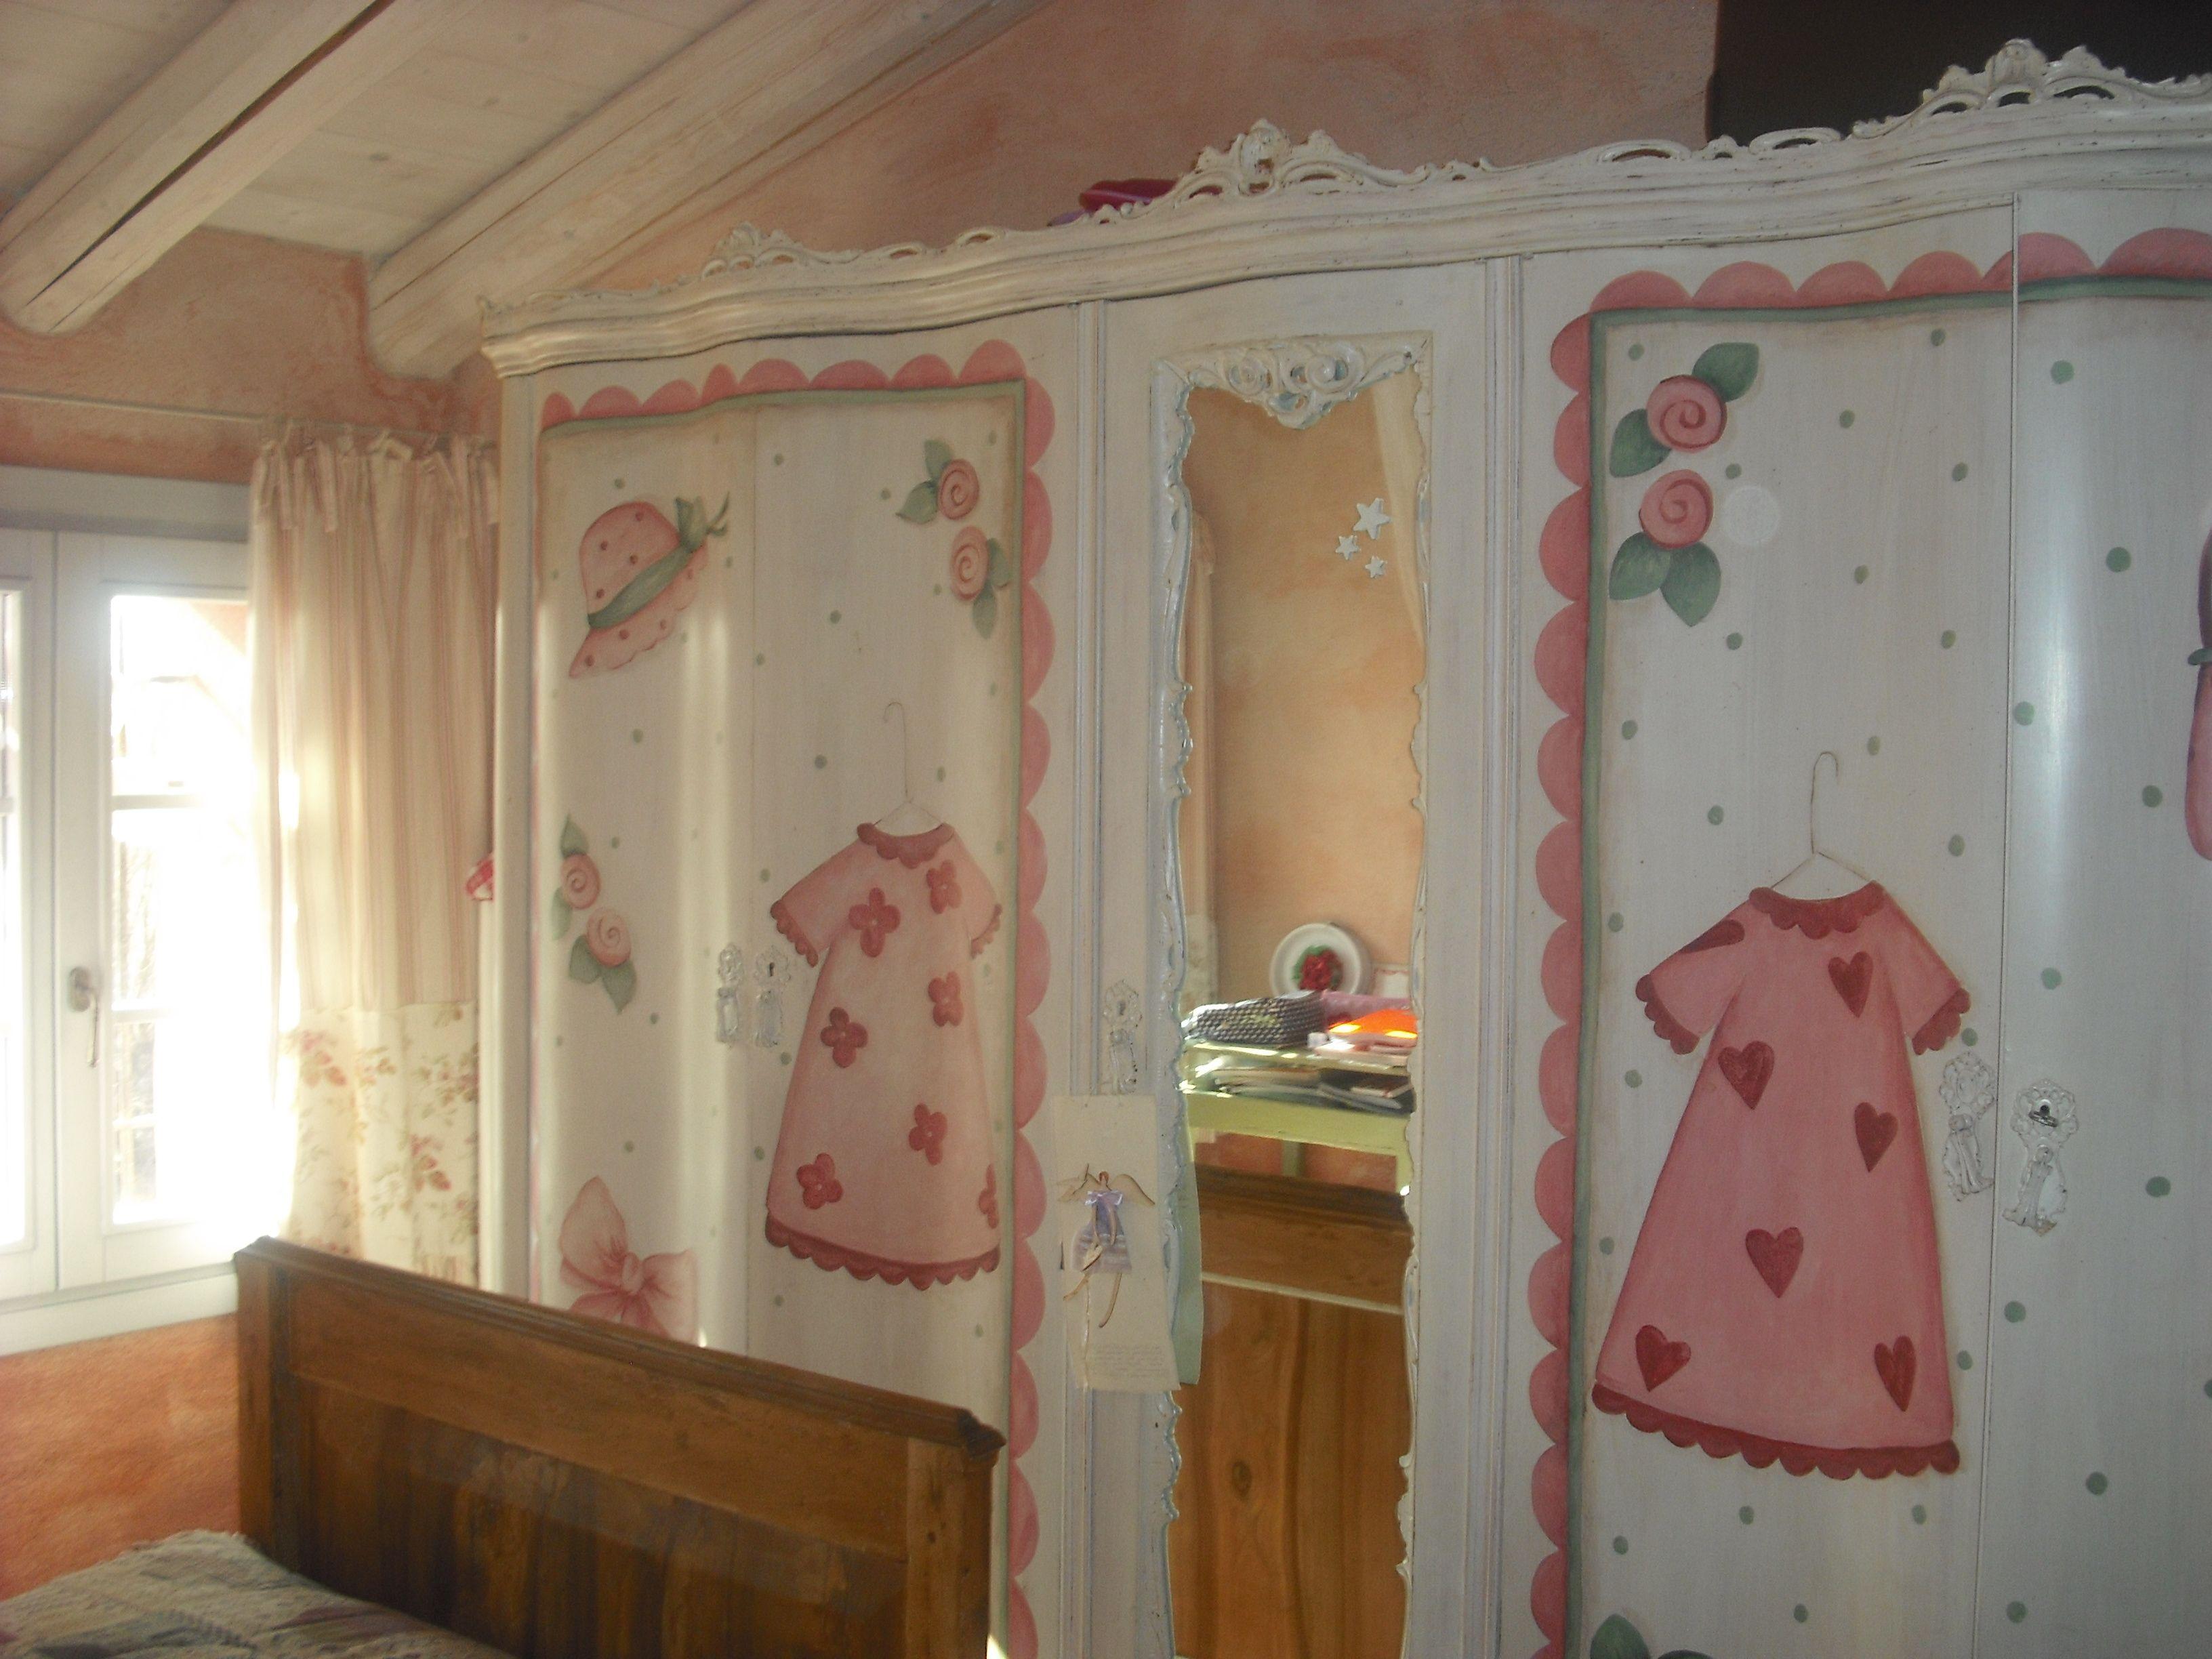 Armadio anni 50 39 decorato per la camera di una ragazza decorazioni home decor room e decor - Decorazioni camera ragazza ...